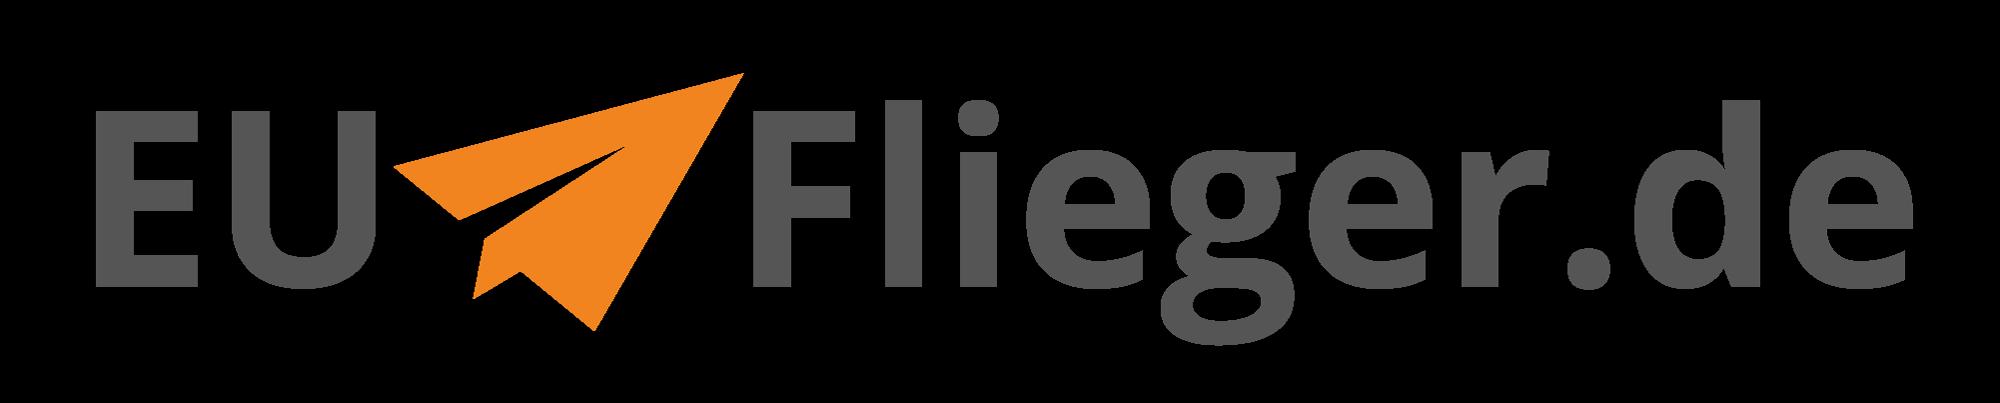 euFlieger.de